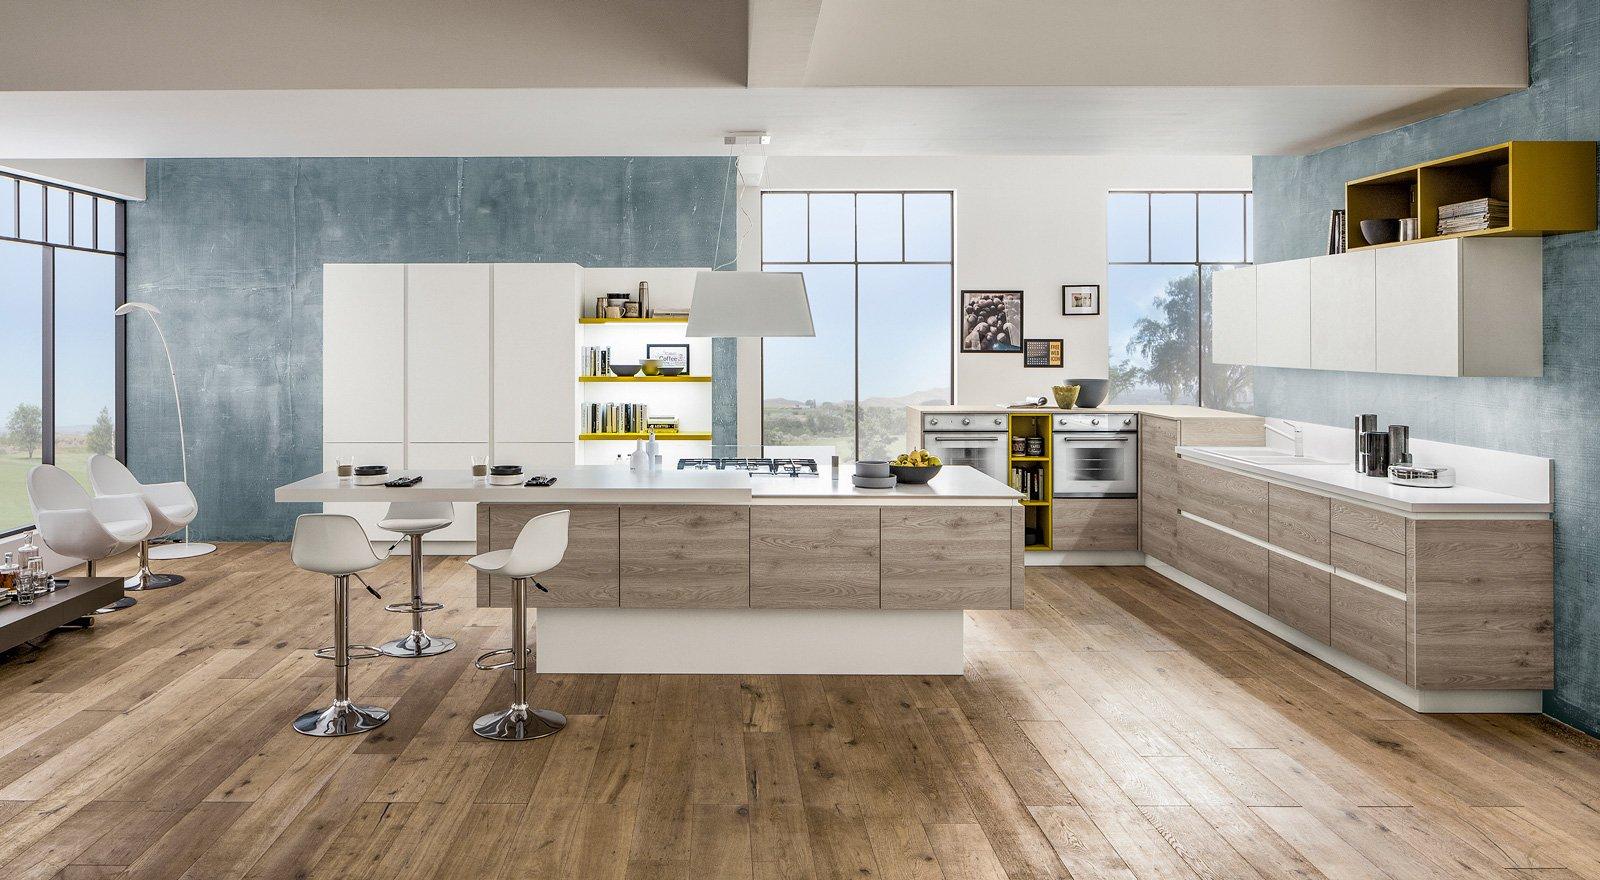 cucine con elementi colorati mensole vani a giorno profili cose di casa. Black Bedroom Furniture Sets. Home Design Ideas